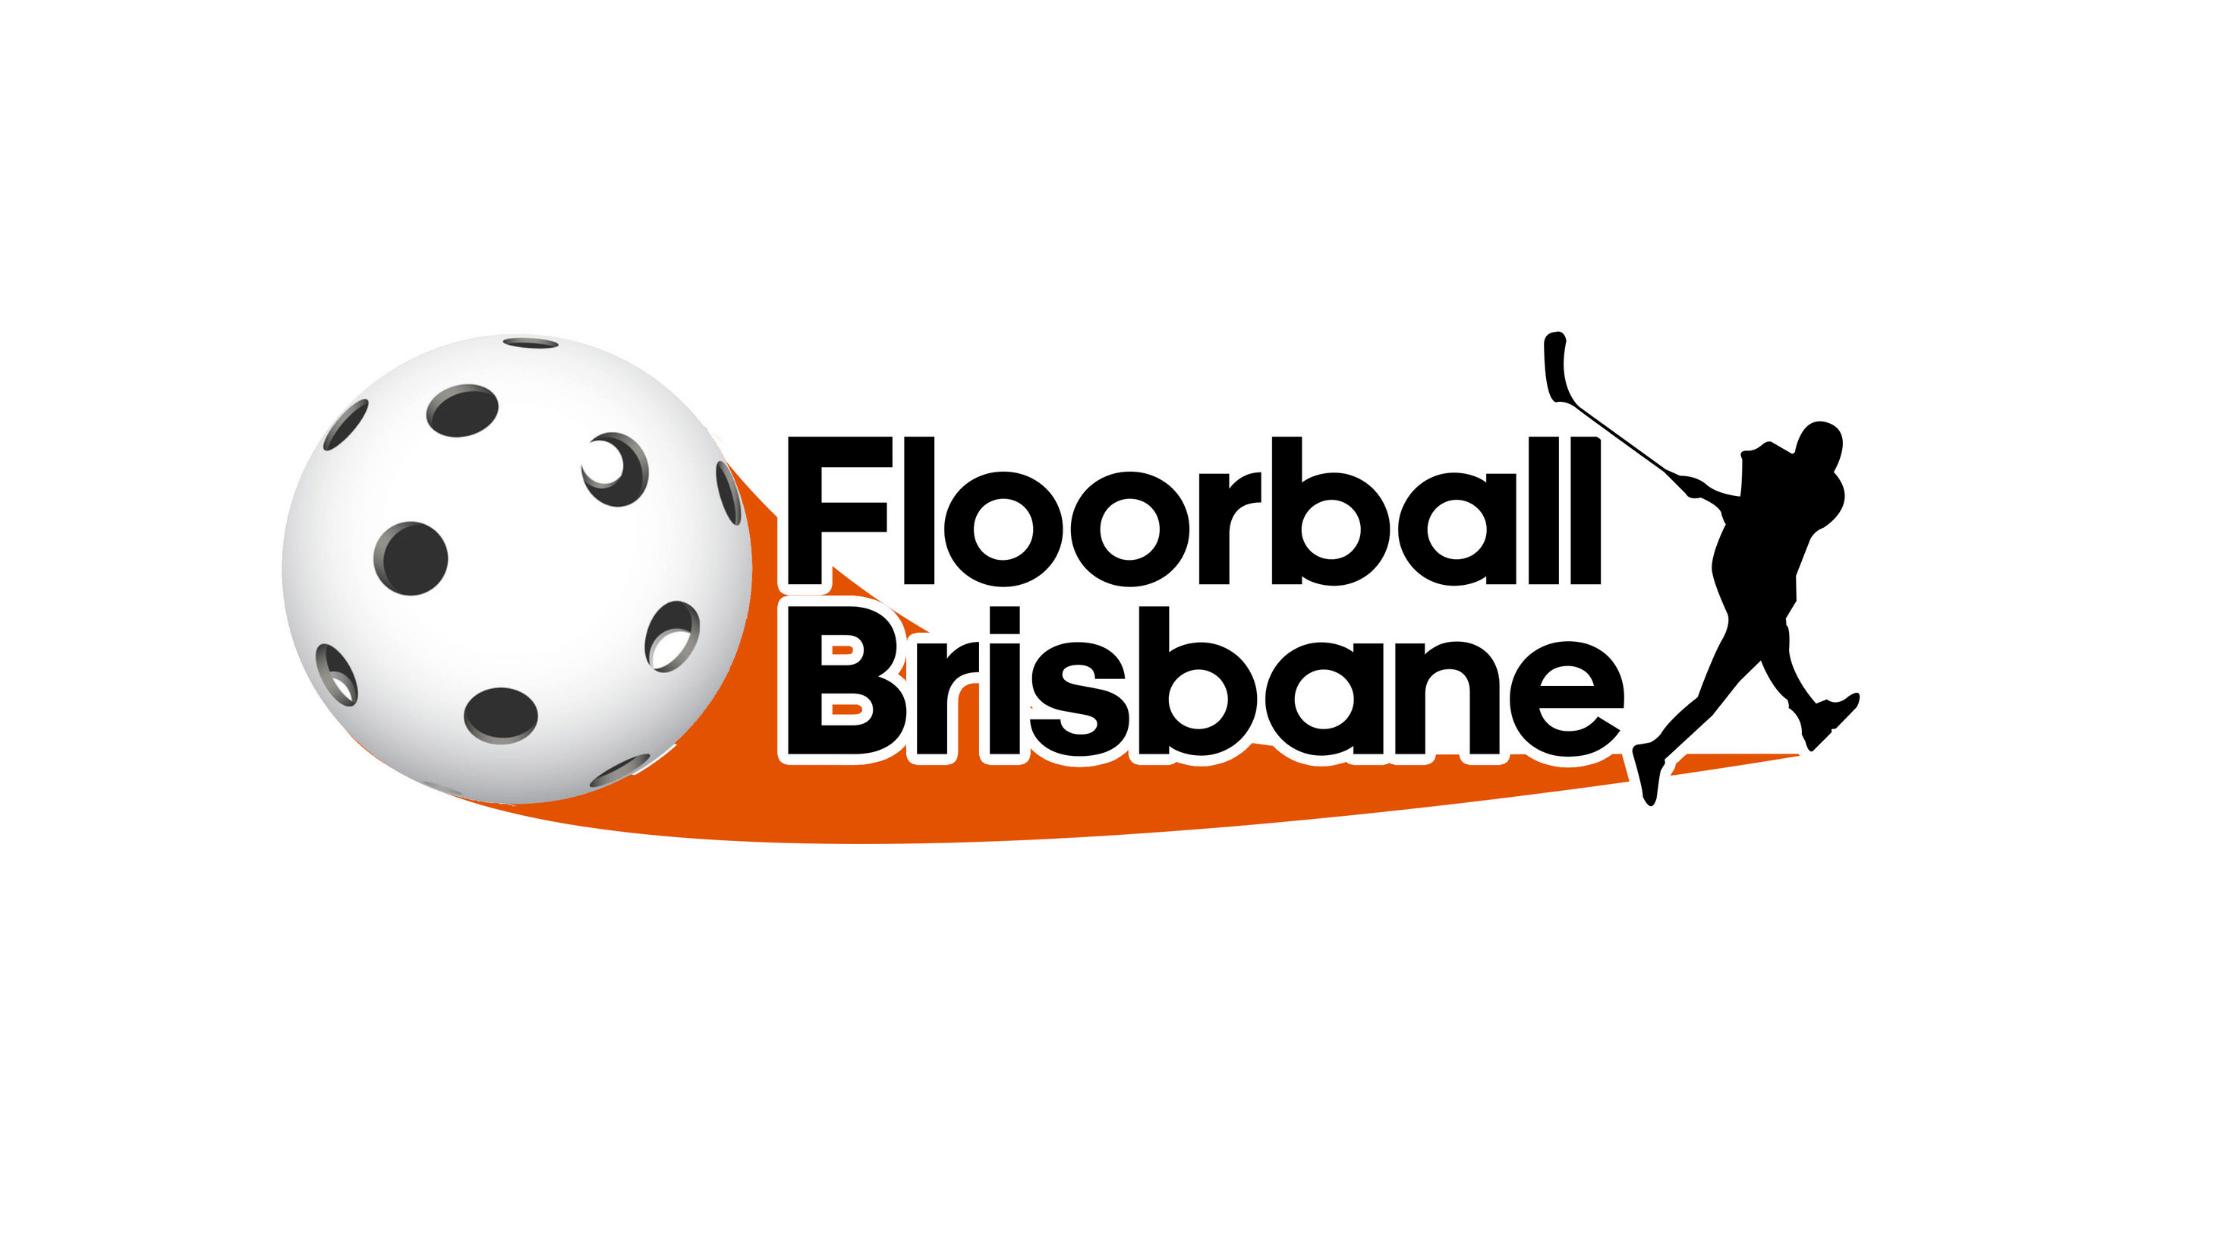 Floorball Brisbane